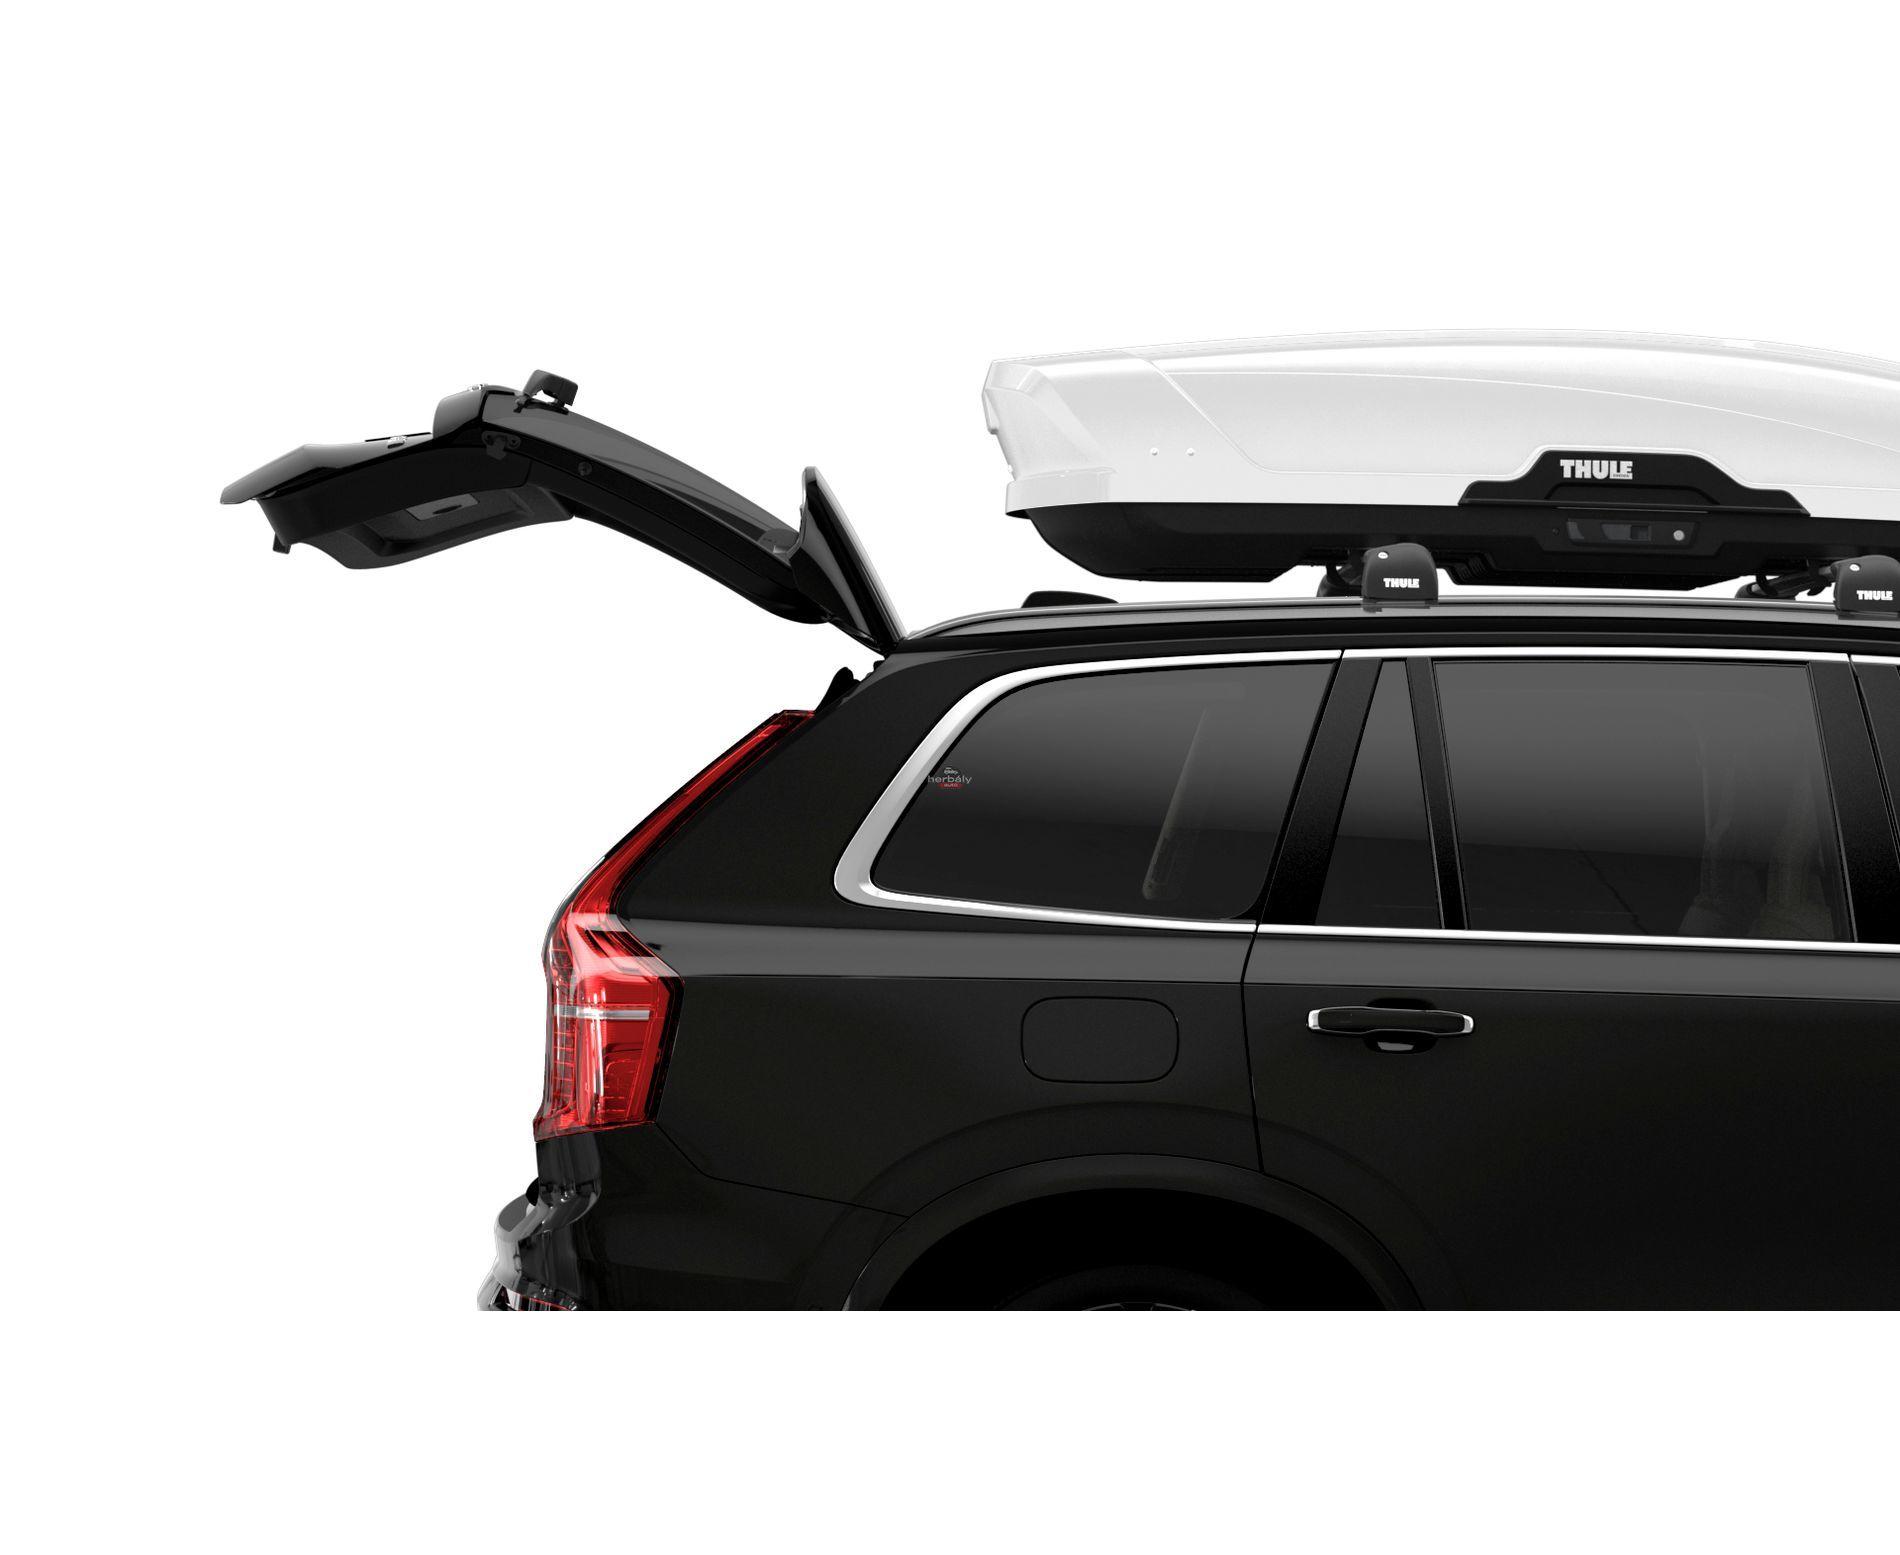 Thule Motion XT XL 800 tetőbox, fehér | Autófelszerelés ...